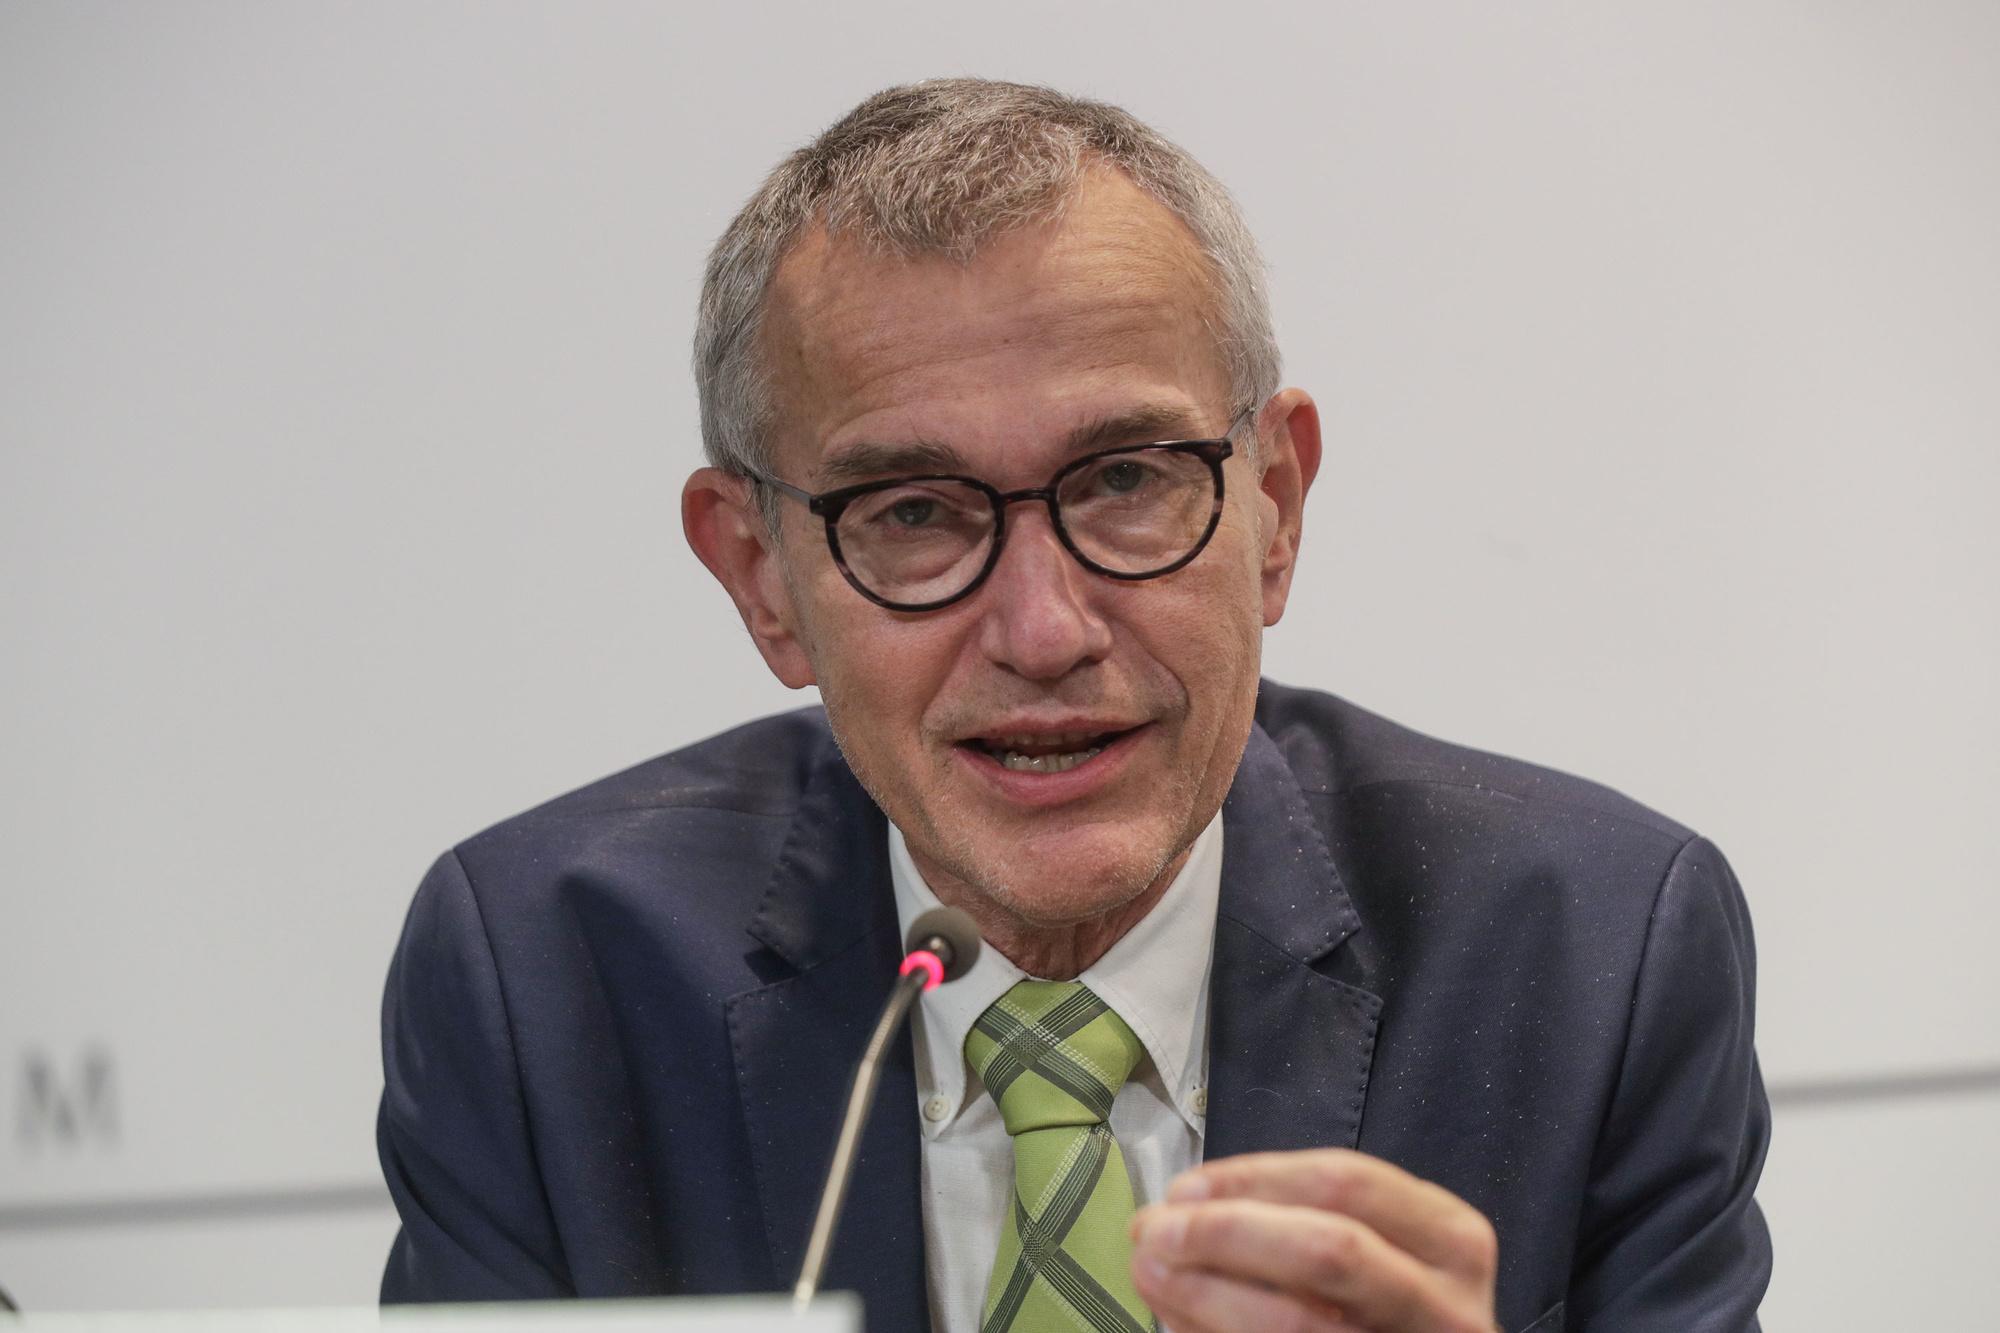 Frank Vandenbroucke na het Overlegcomité van 17 september 2021, Belga